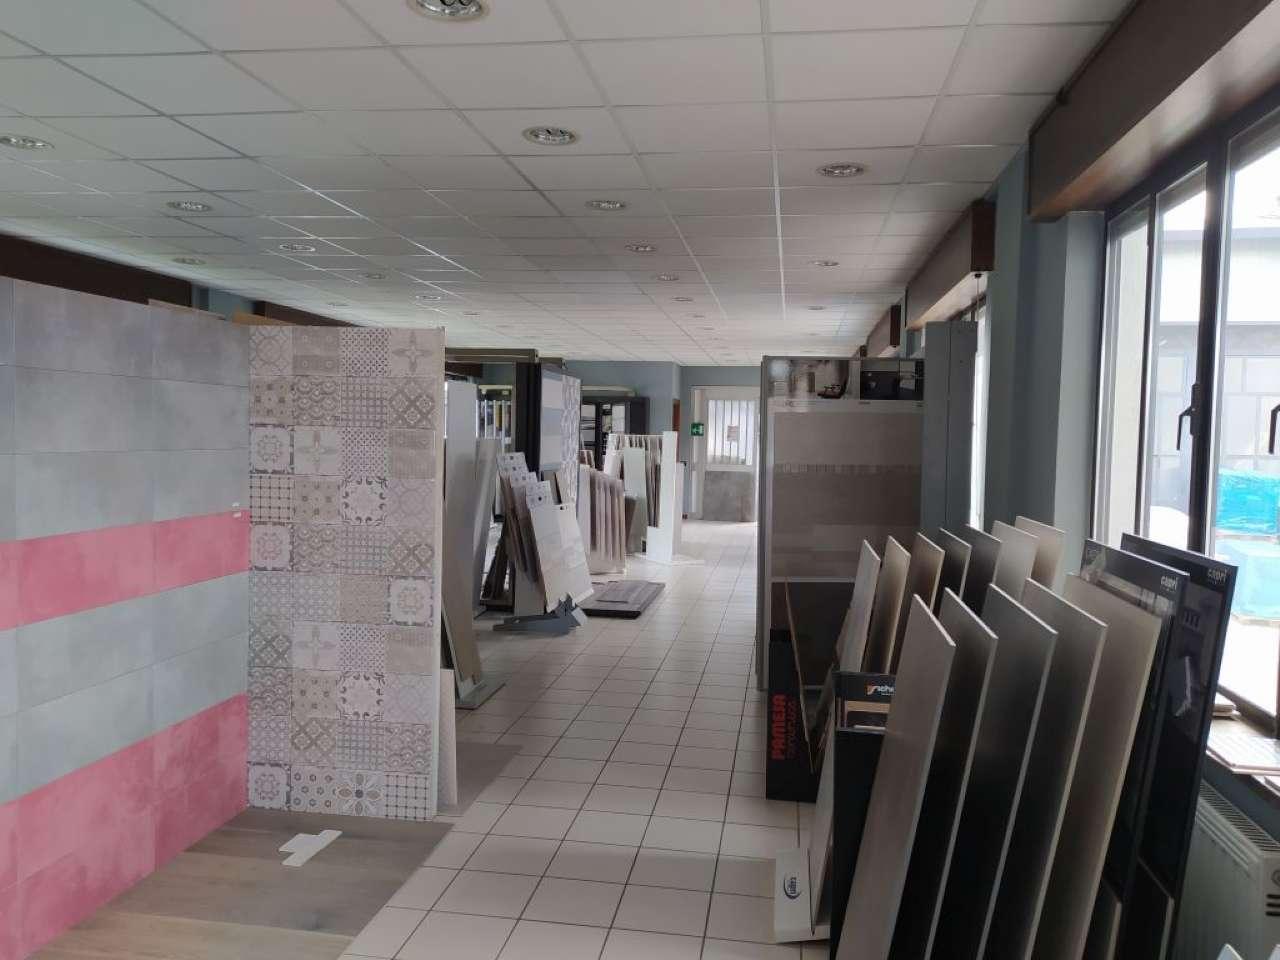 Capannone in vendita a Somma Lombardo, 9999 locali, prezzo € 600.000 | PortaleAgenzieImmobiliari.it